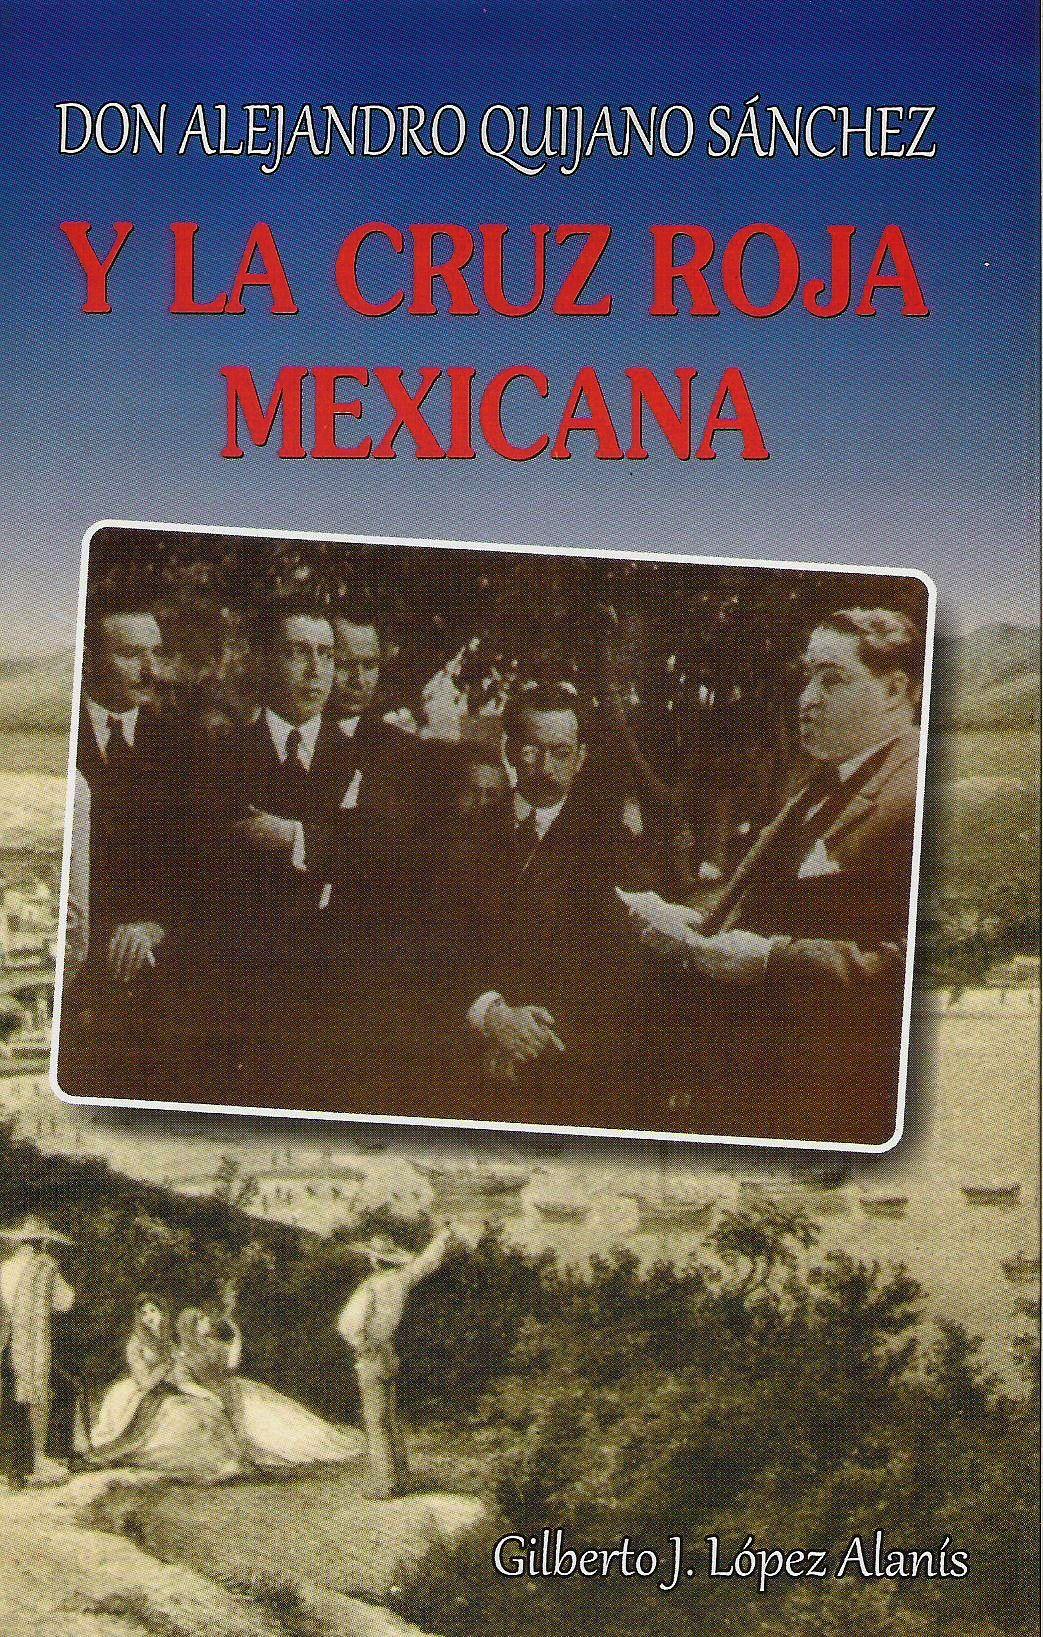 Don Alejandro Quijano Snchez y la Cruz Roja